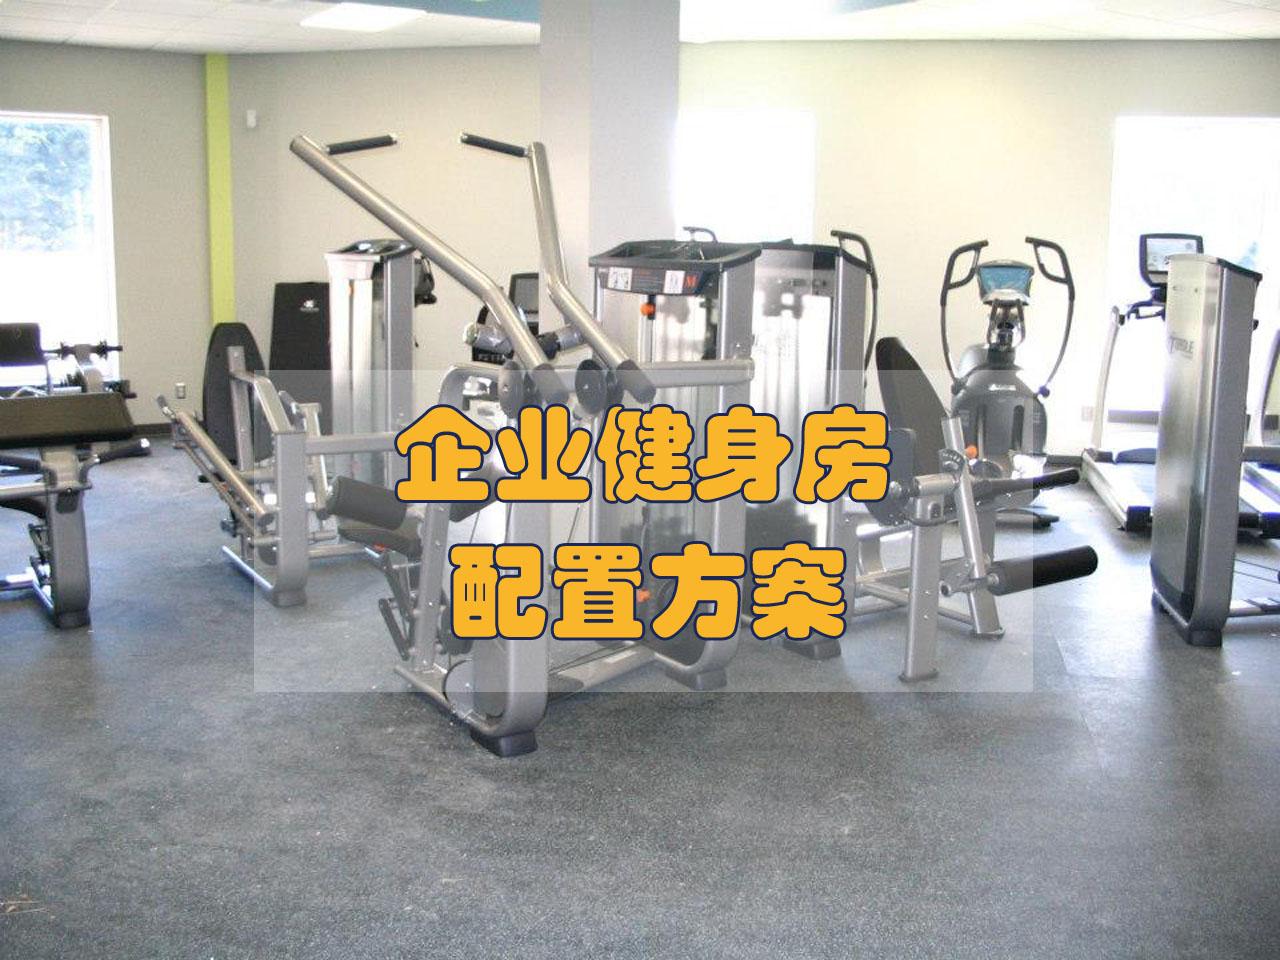 企业健身房配置方案